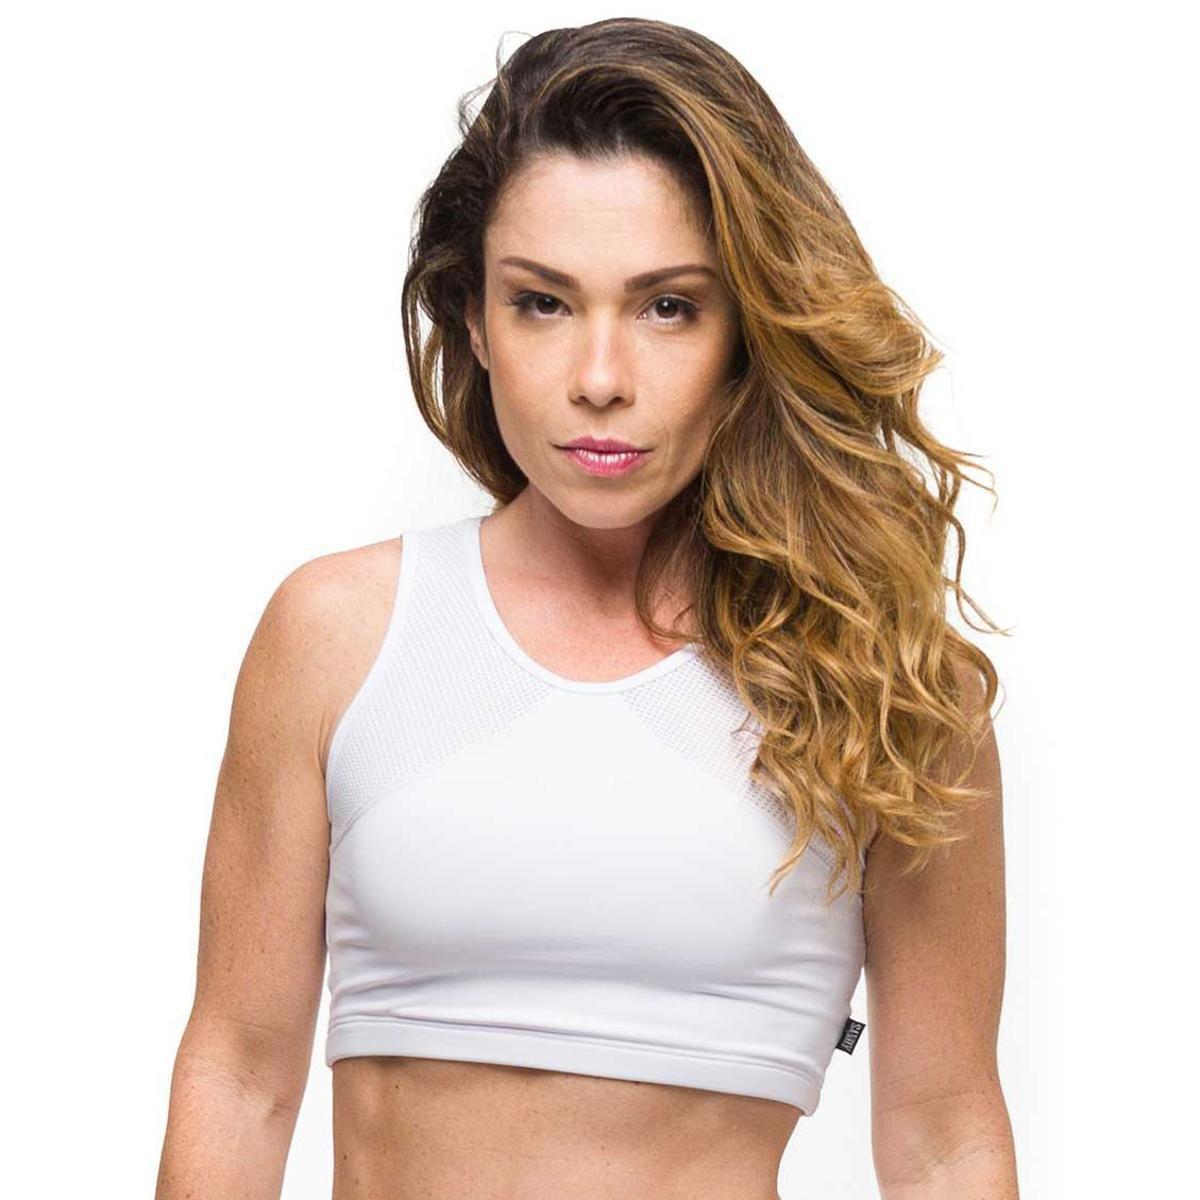 Top Basic Gym Top Fitness Branco Fitness Basic Sandy Top Gym Branco Basic Sandy 1OOxSACq